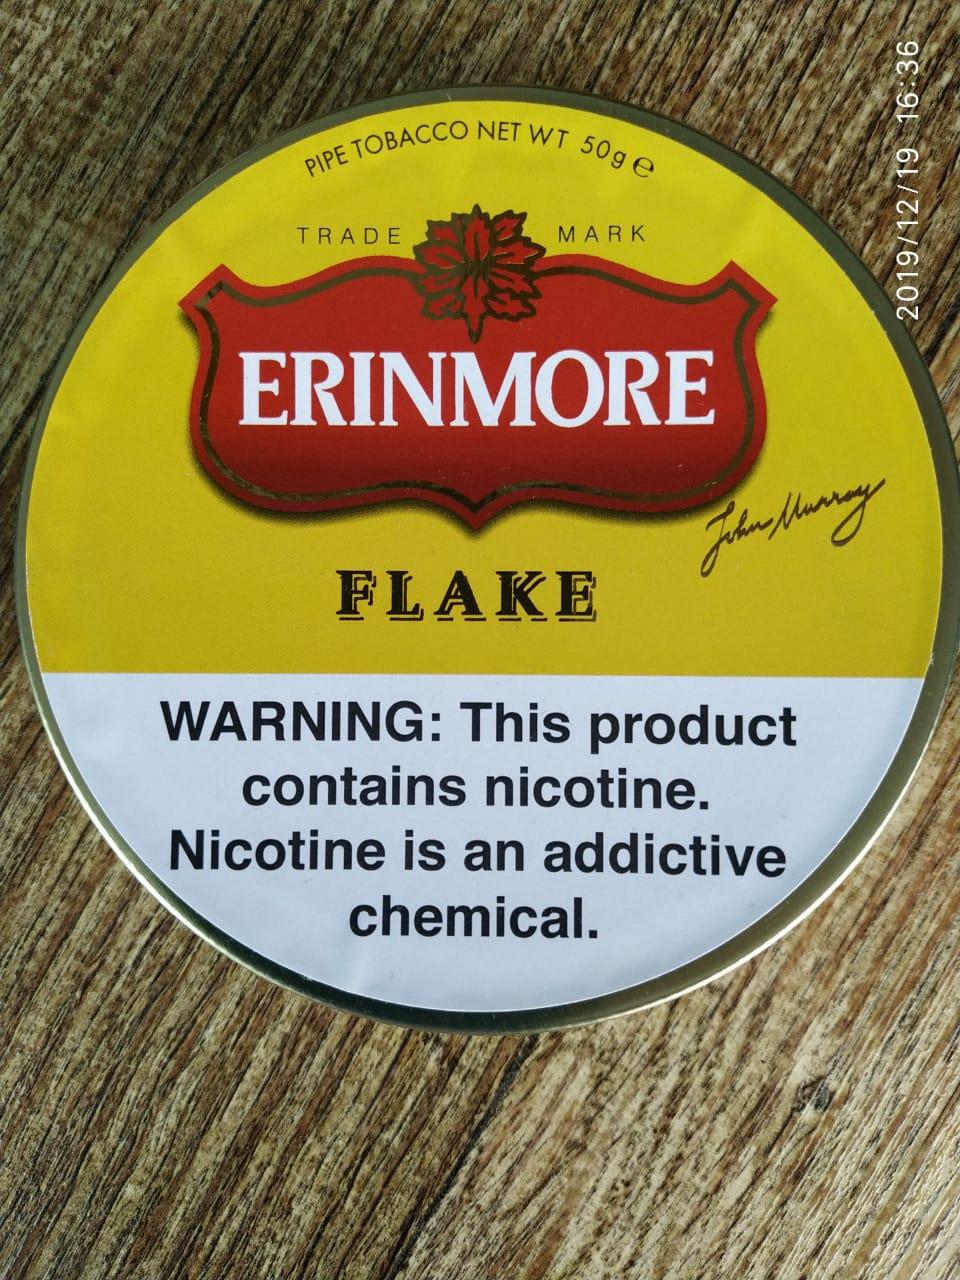 Scandinavian Tobacco Group (STG) - Erinmore Flake